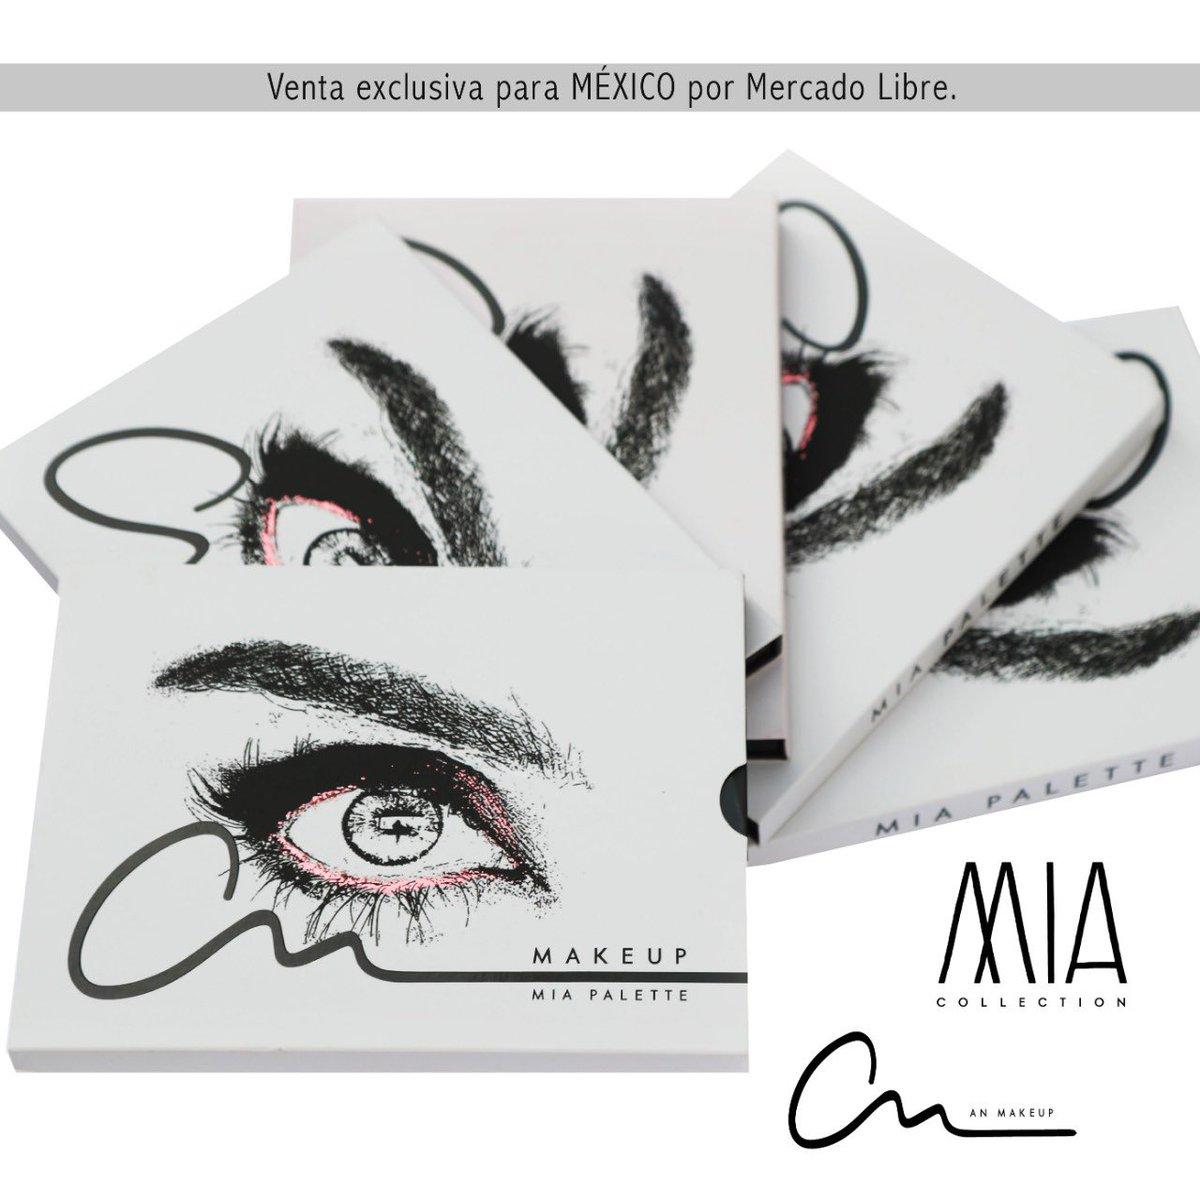 ⭐MIA PALETTE⭐ ¡Ideal para tu look favorito! @AnMakeup1111 Consigue la tuya  en  @Mercadolibre